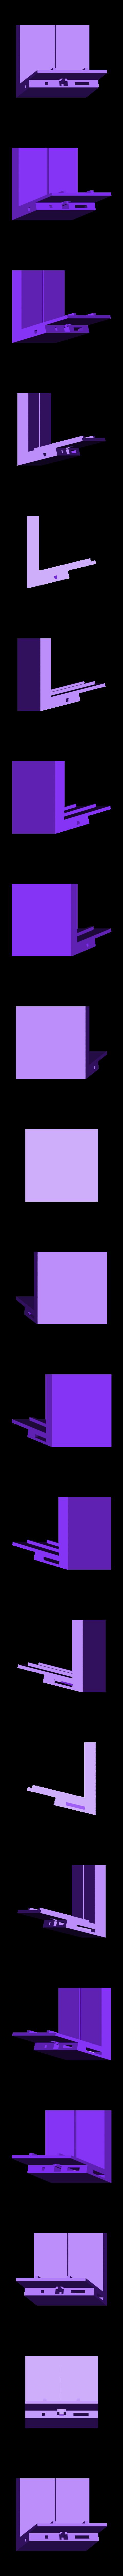 iPhone_6_dock.stl Télécharger fichier STL gratuit Support élégant pour iPhone 6 (Plus) • Objet à imprimer en 3D, B2TM